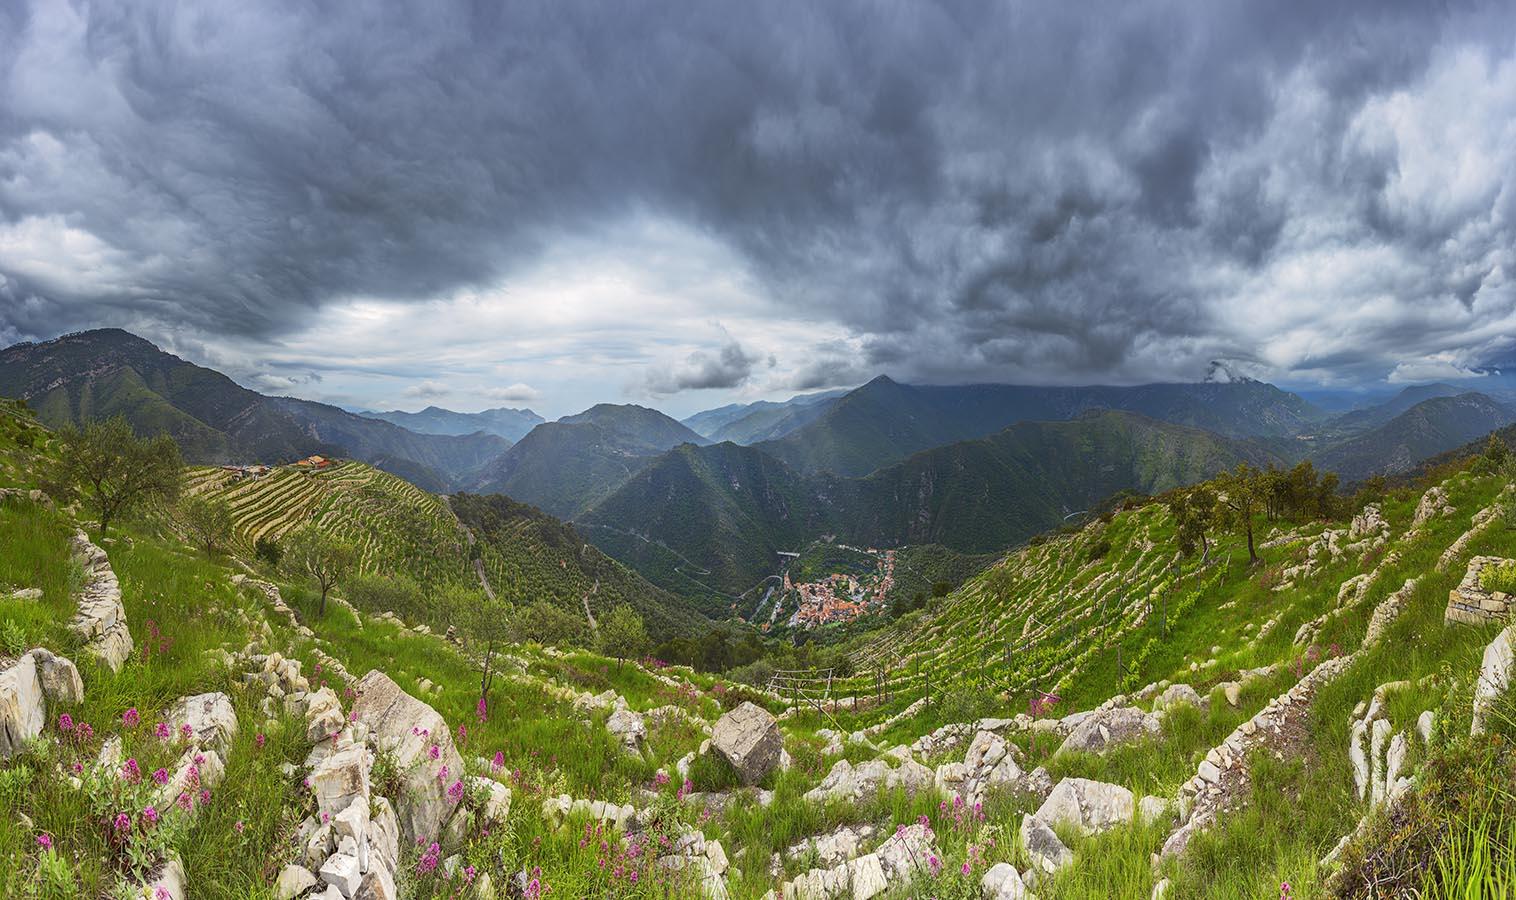 Airole, Ligurien: Bio-Weingut A Trincea oberhalb des ligurischen Ortes Airole im Roja-Tal. Zweizeiliges Panorama, zusammengesetzt aus  46 Aufnahmen. Originalgröße 300x180 cm | © Reinhard Podolsky